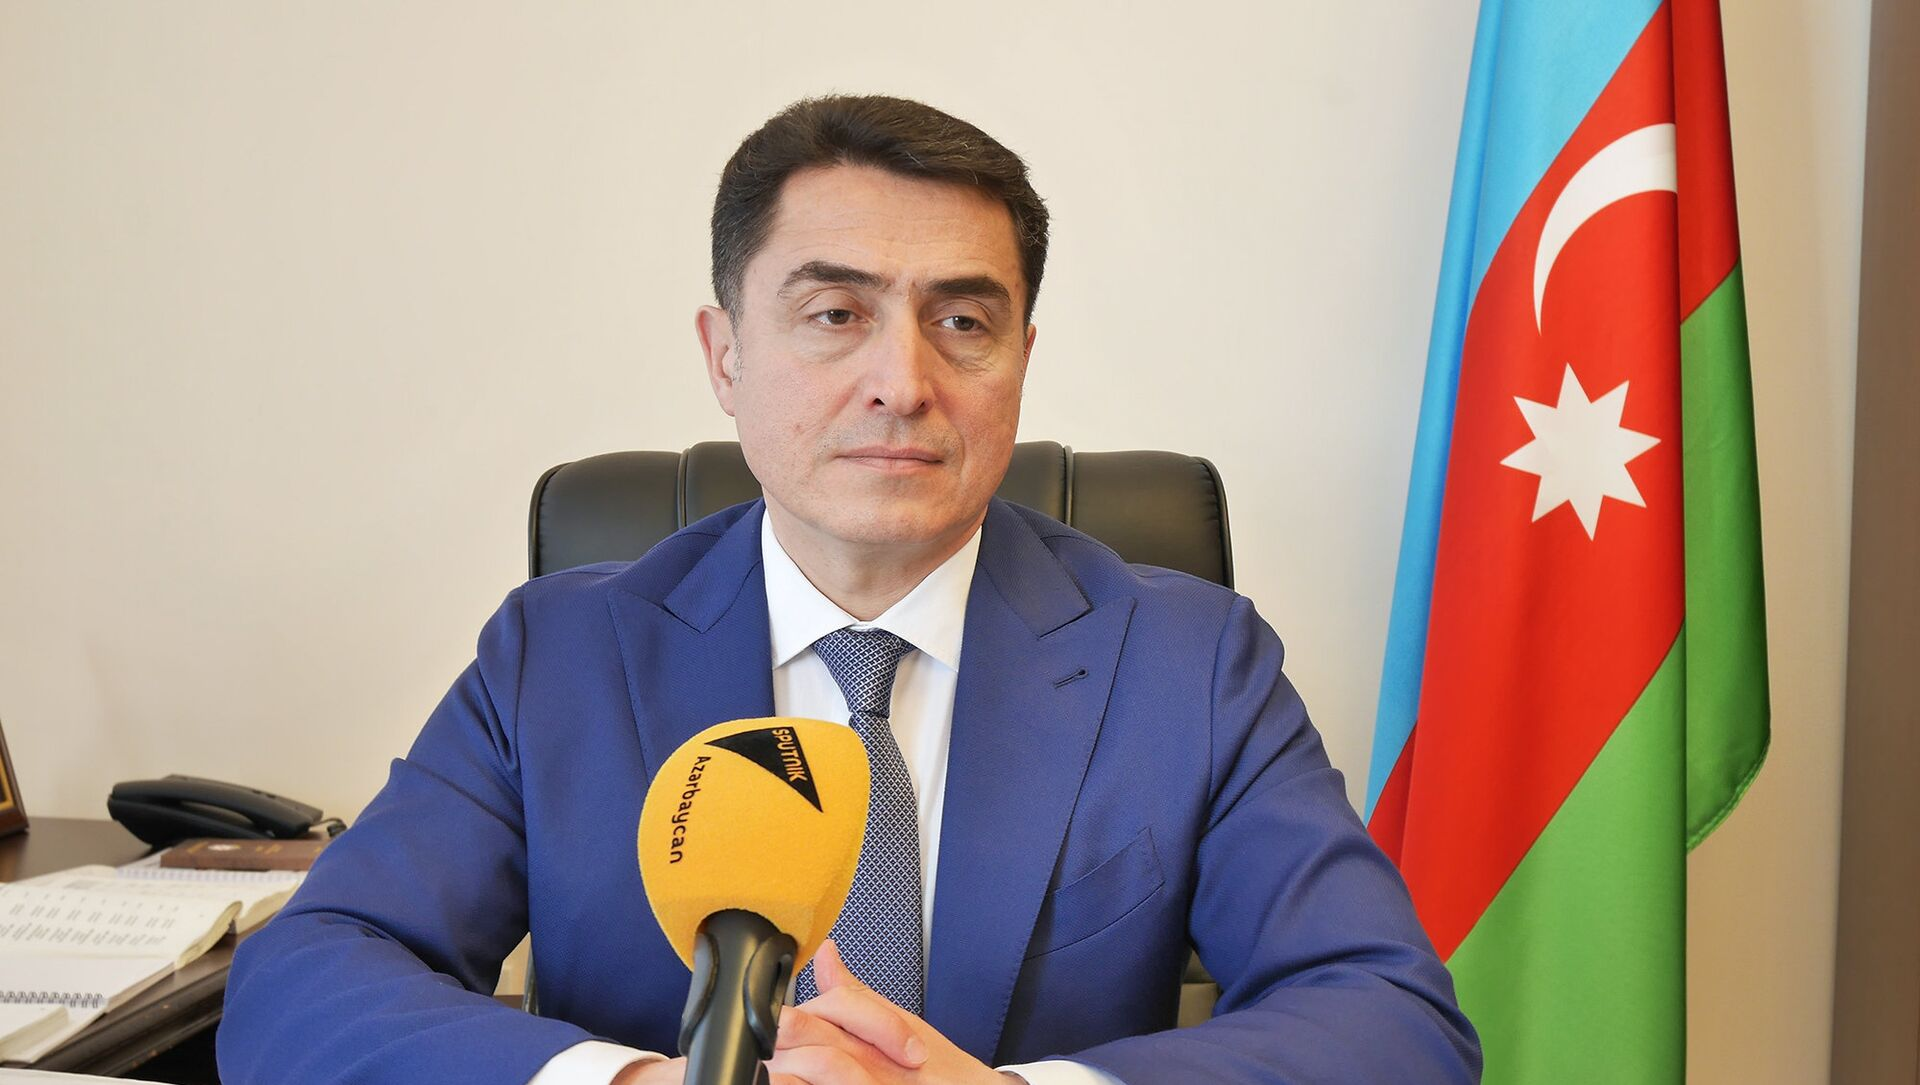 Председатель комитета Милли Меджлиса по правовой политике и государственному строительству Али Гусейнли - Sputnik Азербайджан, 1920, 05.03.2021